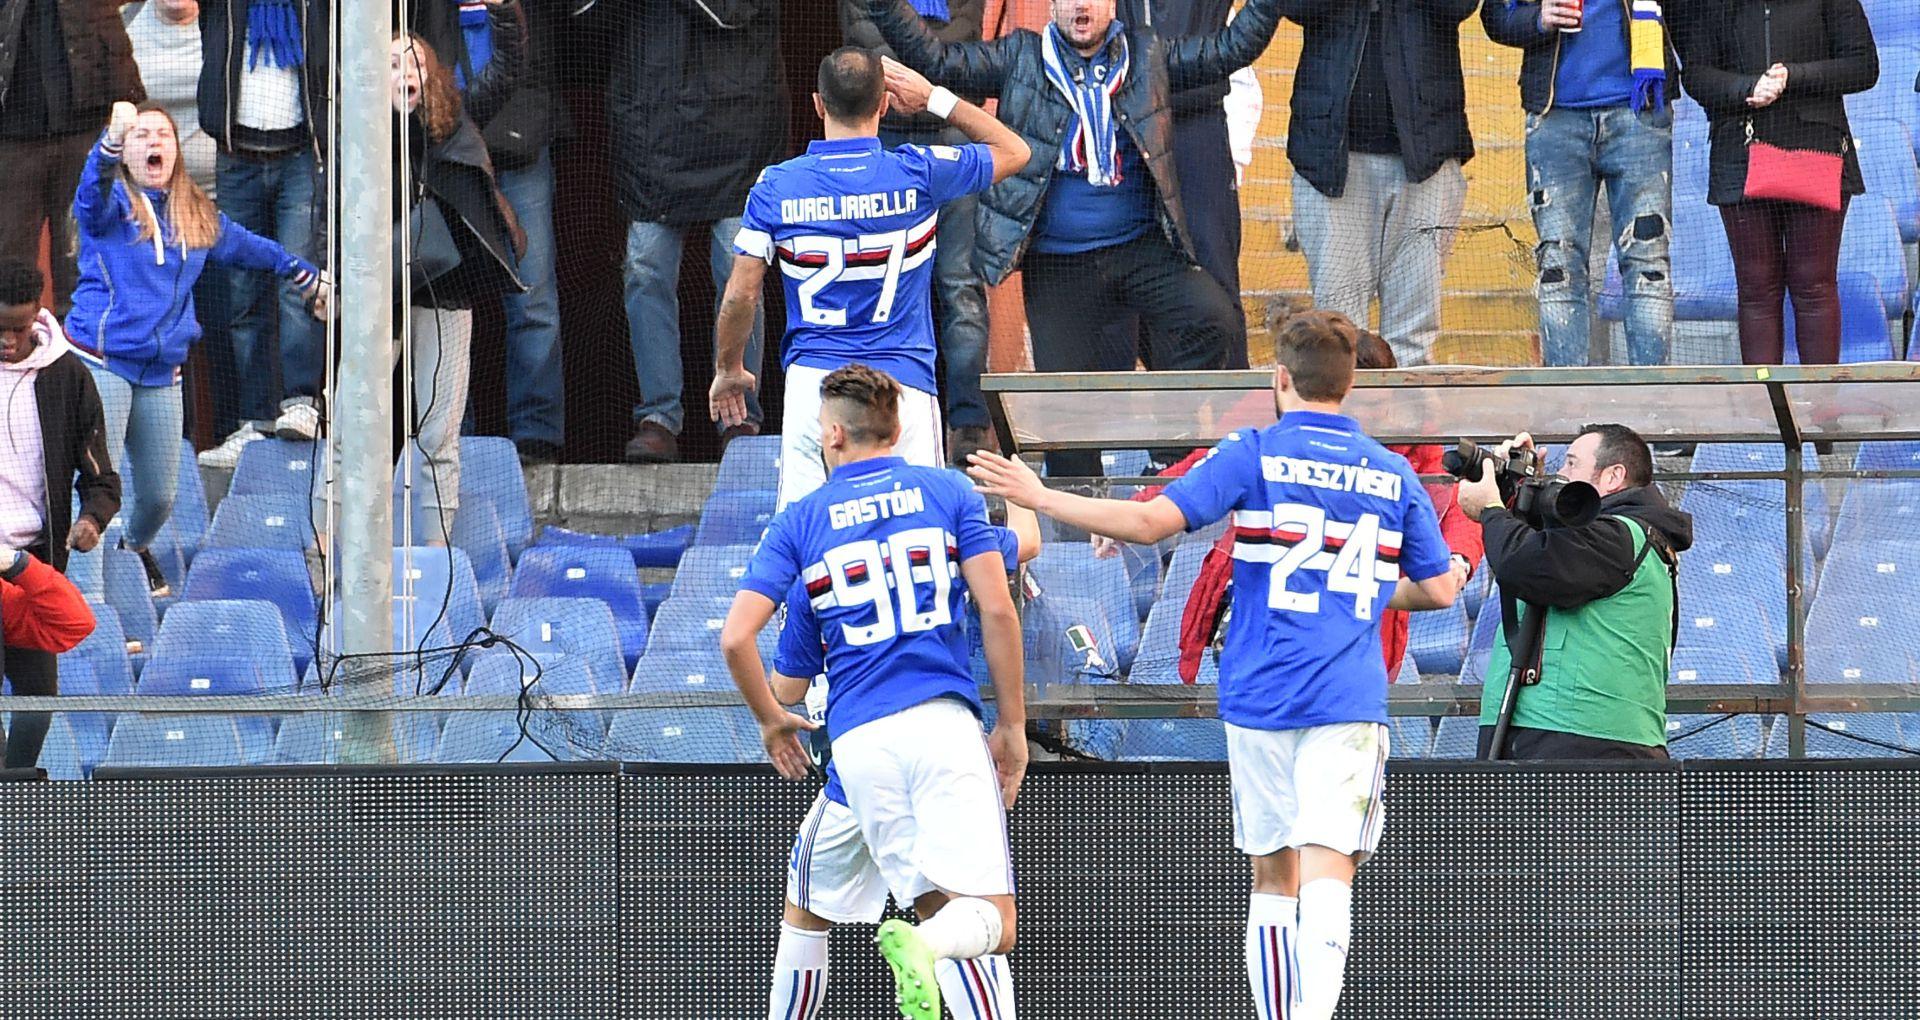 Serie A: Quagliarella annichilisce la Fiorentina, il Crotone espugna il Bentegodi